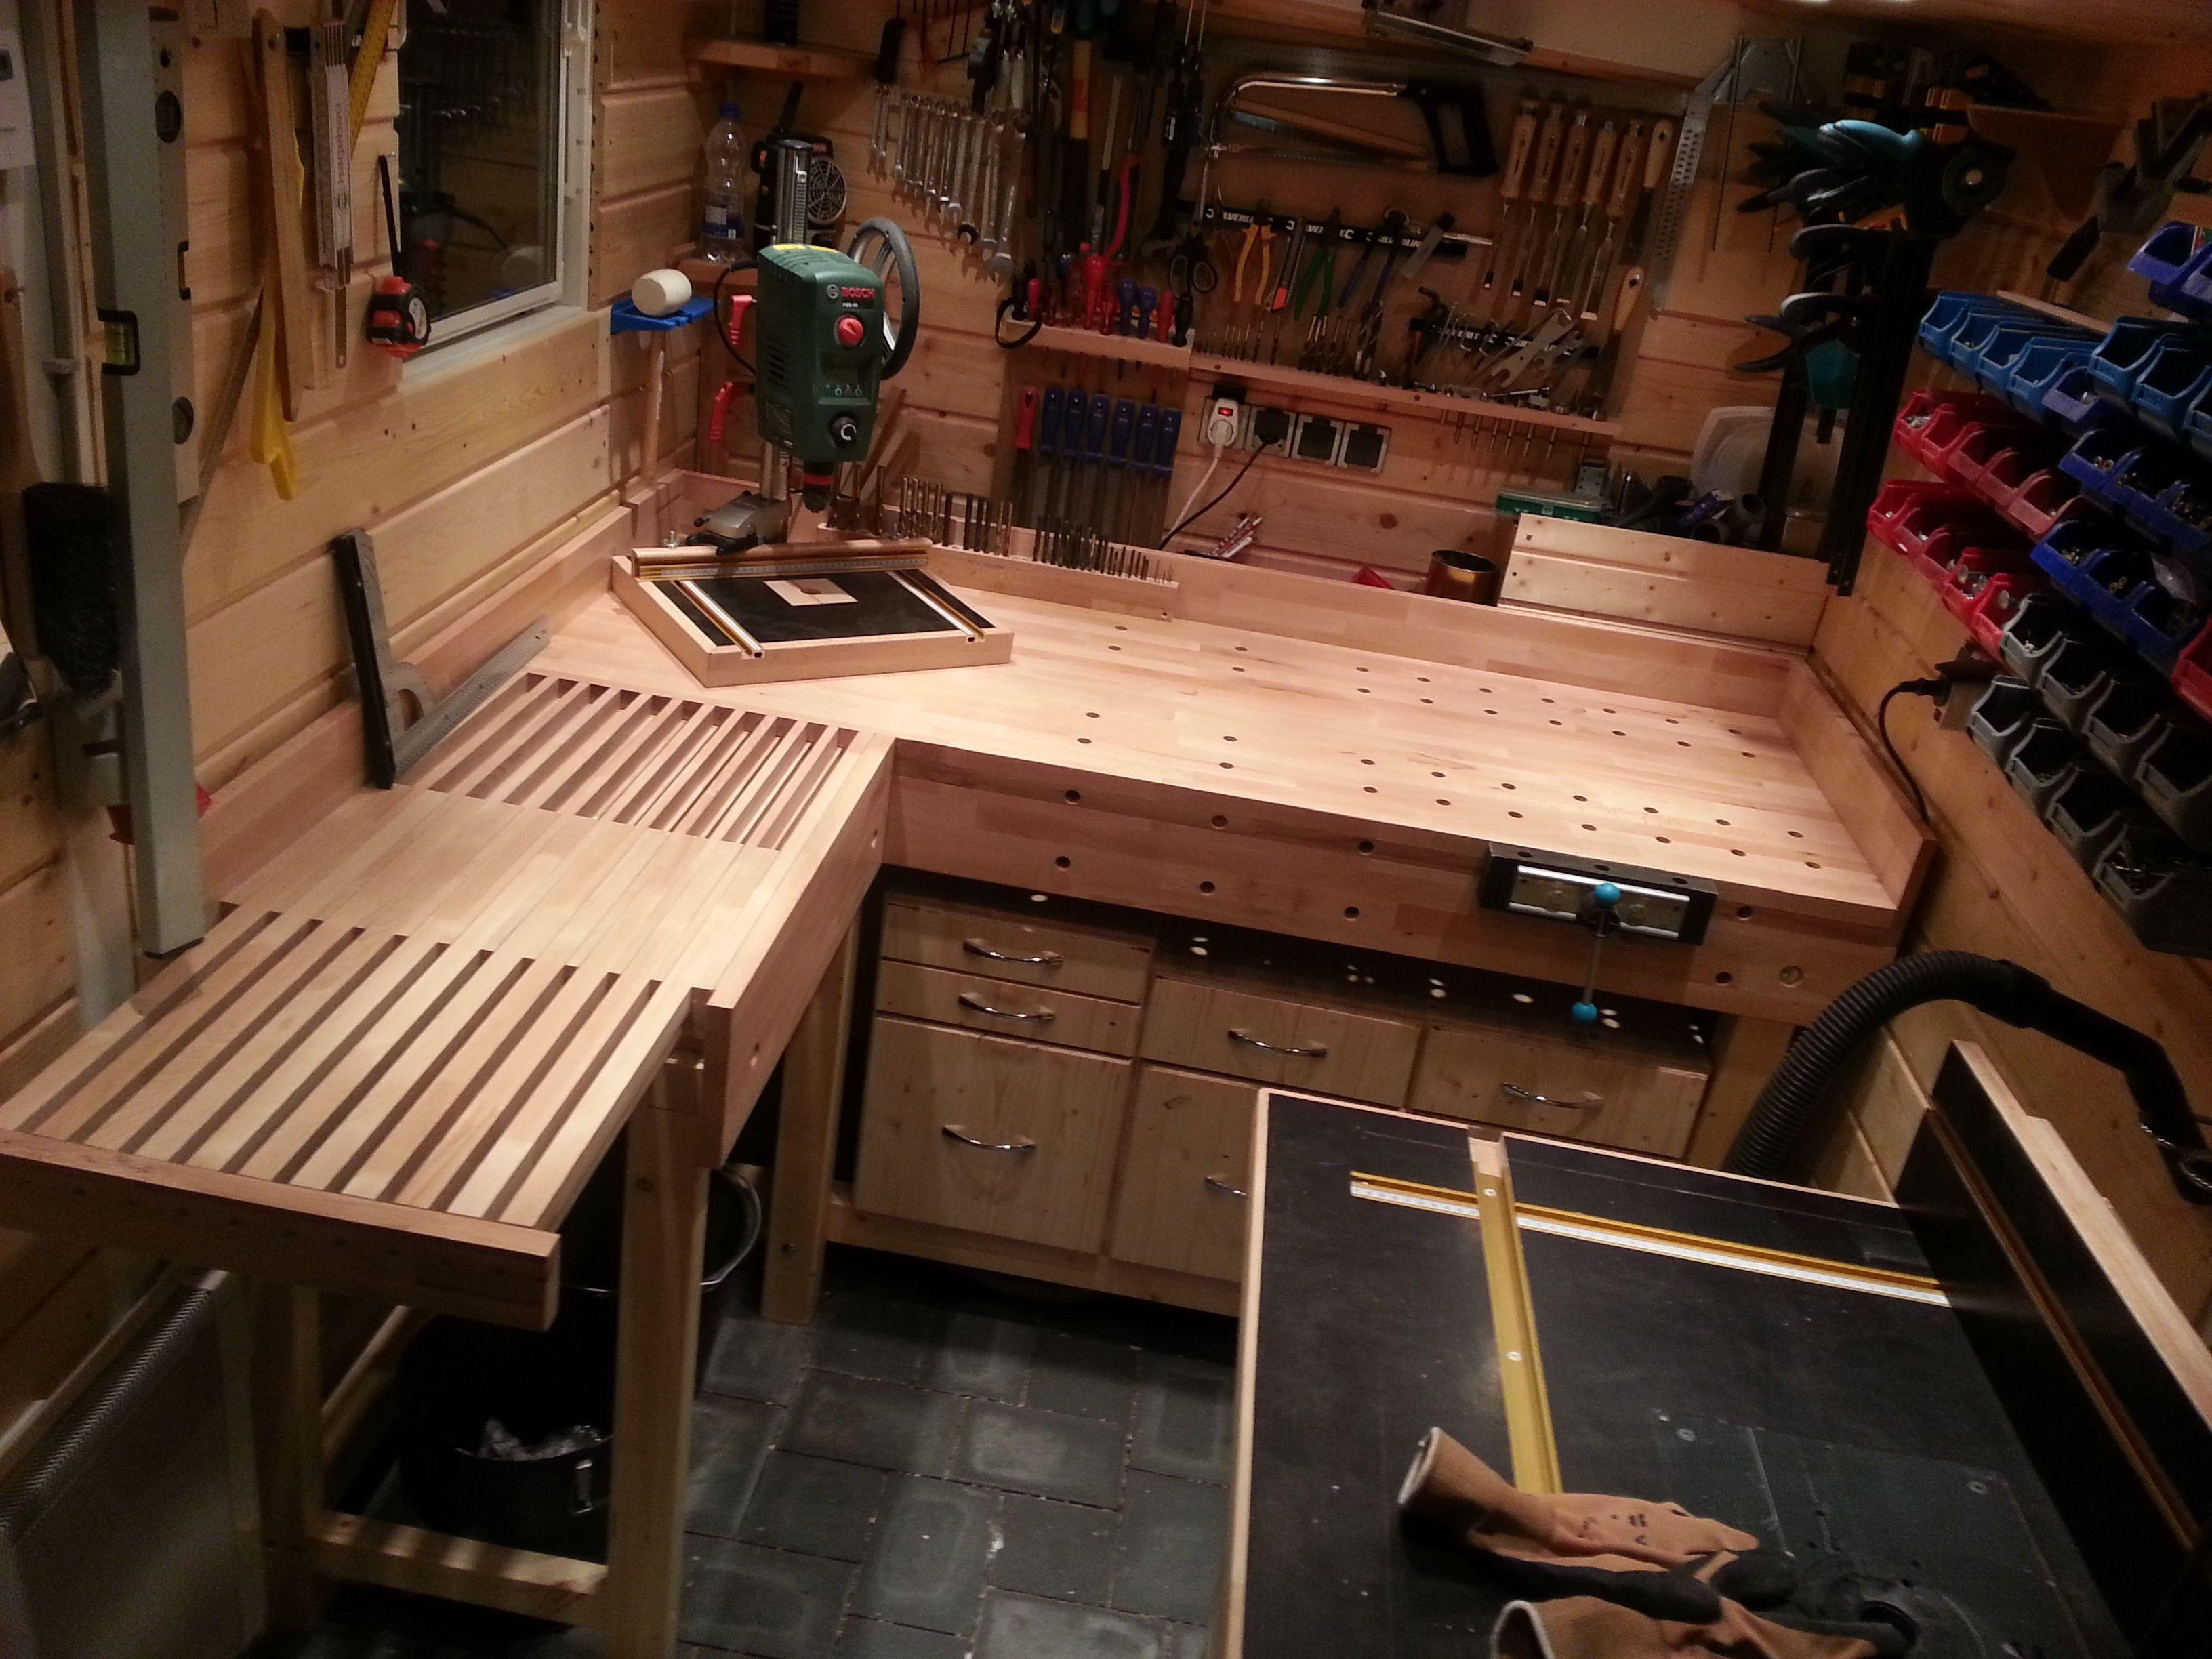 Ausziebare Werktischplatte Bauanleitung zum selber bauen ...